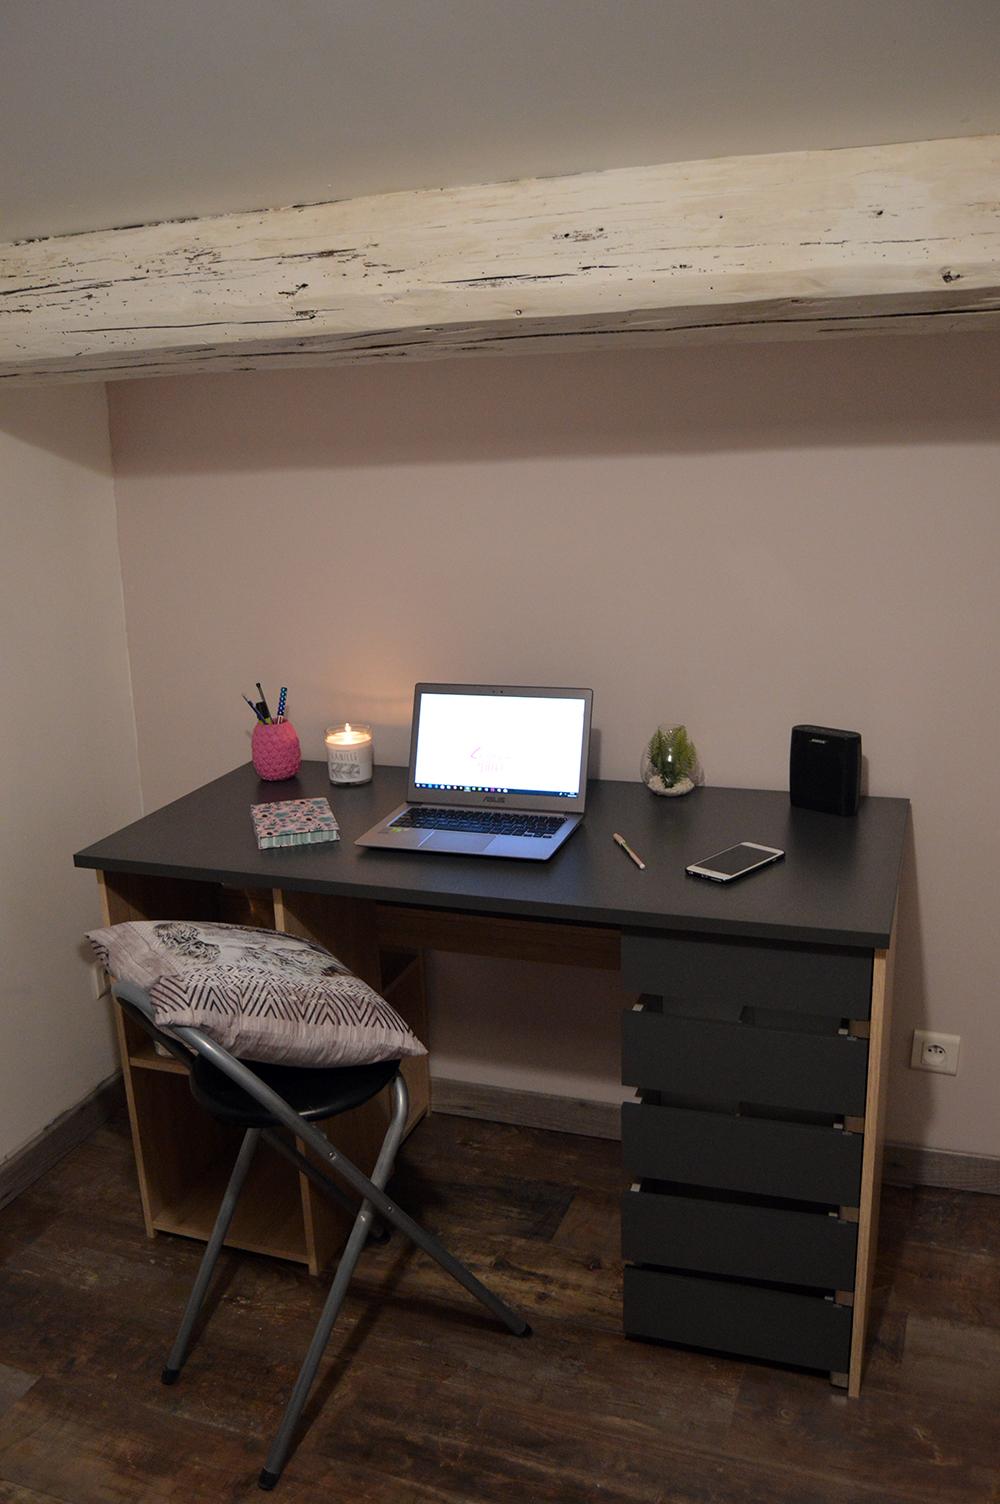 mobilier en kit petits prix sur last meubles le blog des 5 filles. Black Bedroom Furniture Sets. Home Design Ideas